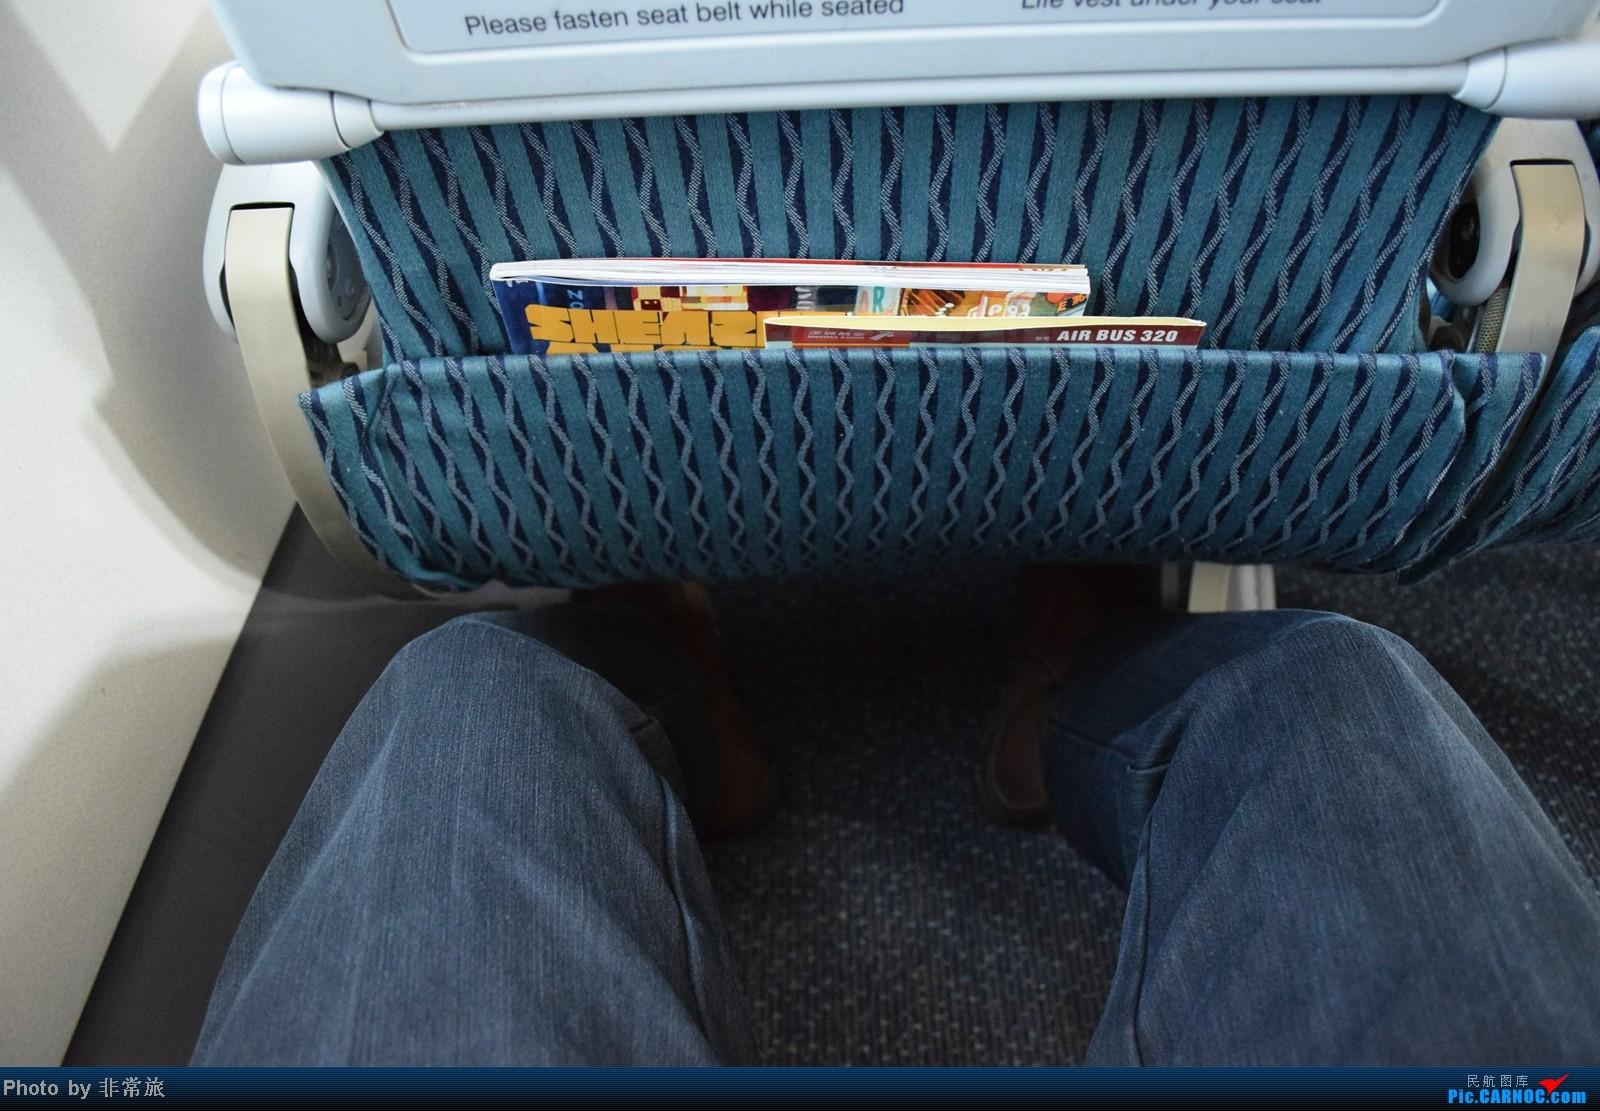 Re:[原创]大年三十除夕夜,三万英尺云霄间。 AIRBUS A320-200 B-6807